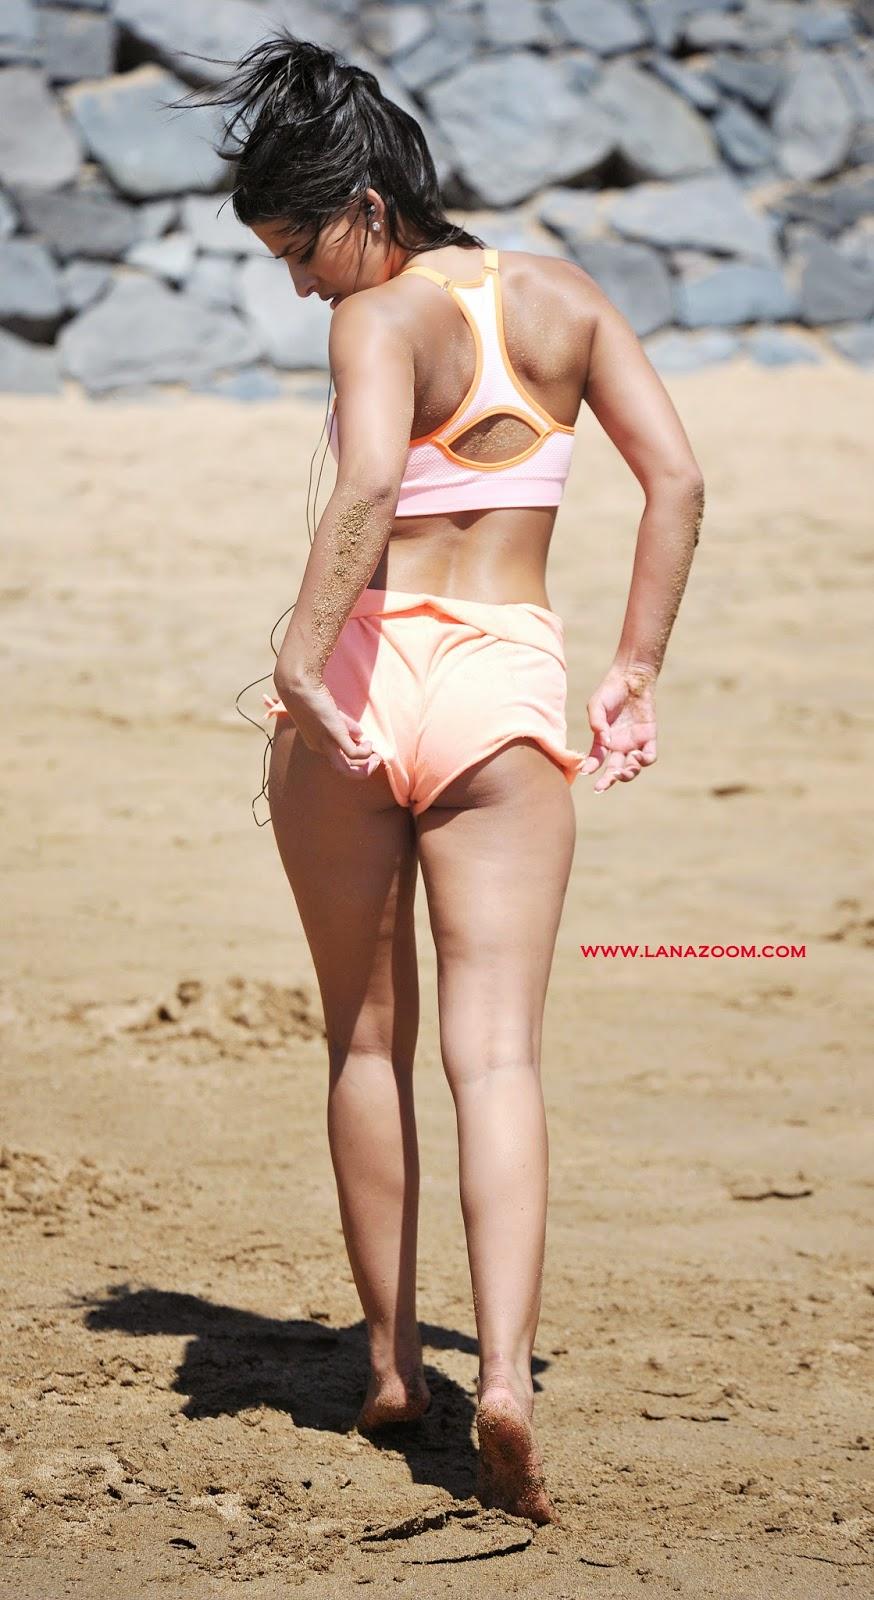 صور ياسمين واليا بالبكيني تمارس الرياضة على شاطئ البحر في تينيريفي